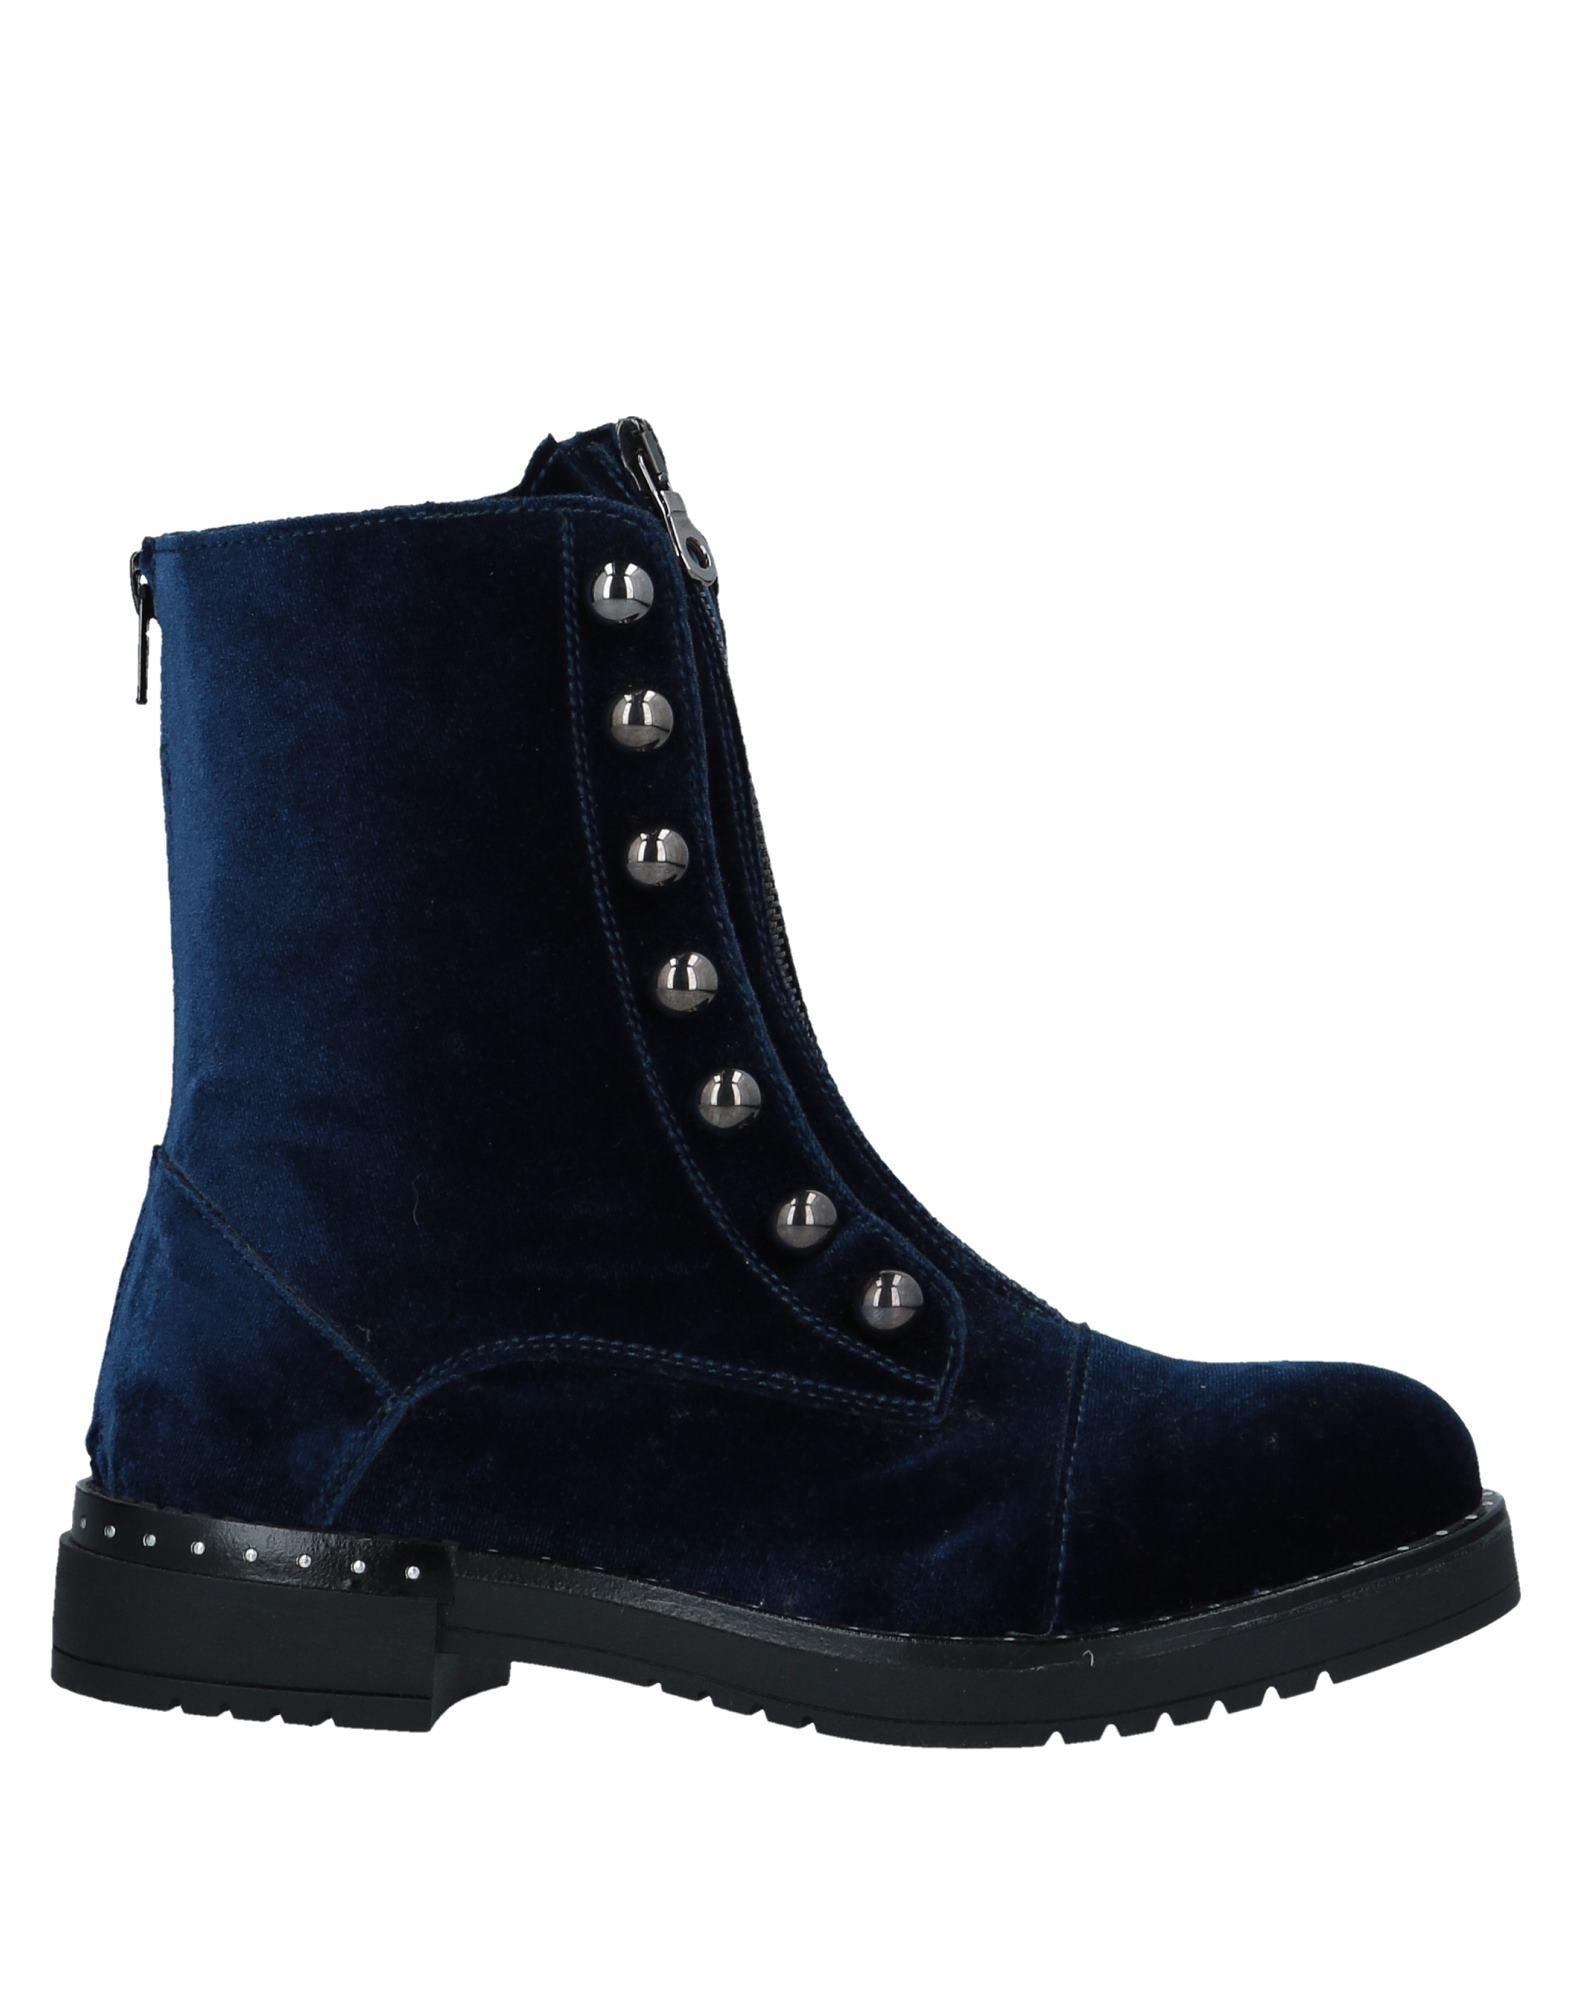 Islo Isabella Lorusso Stiefelette Damen  11529639QC Gute Qualität beliebte Schuhe